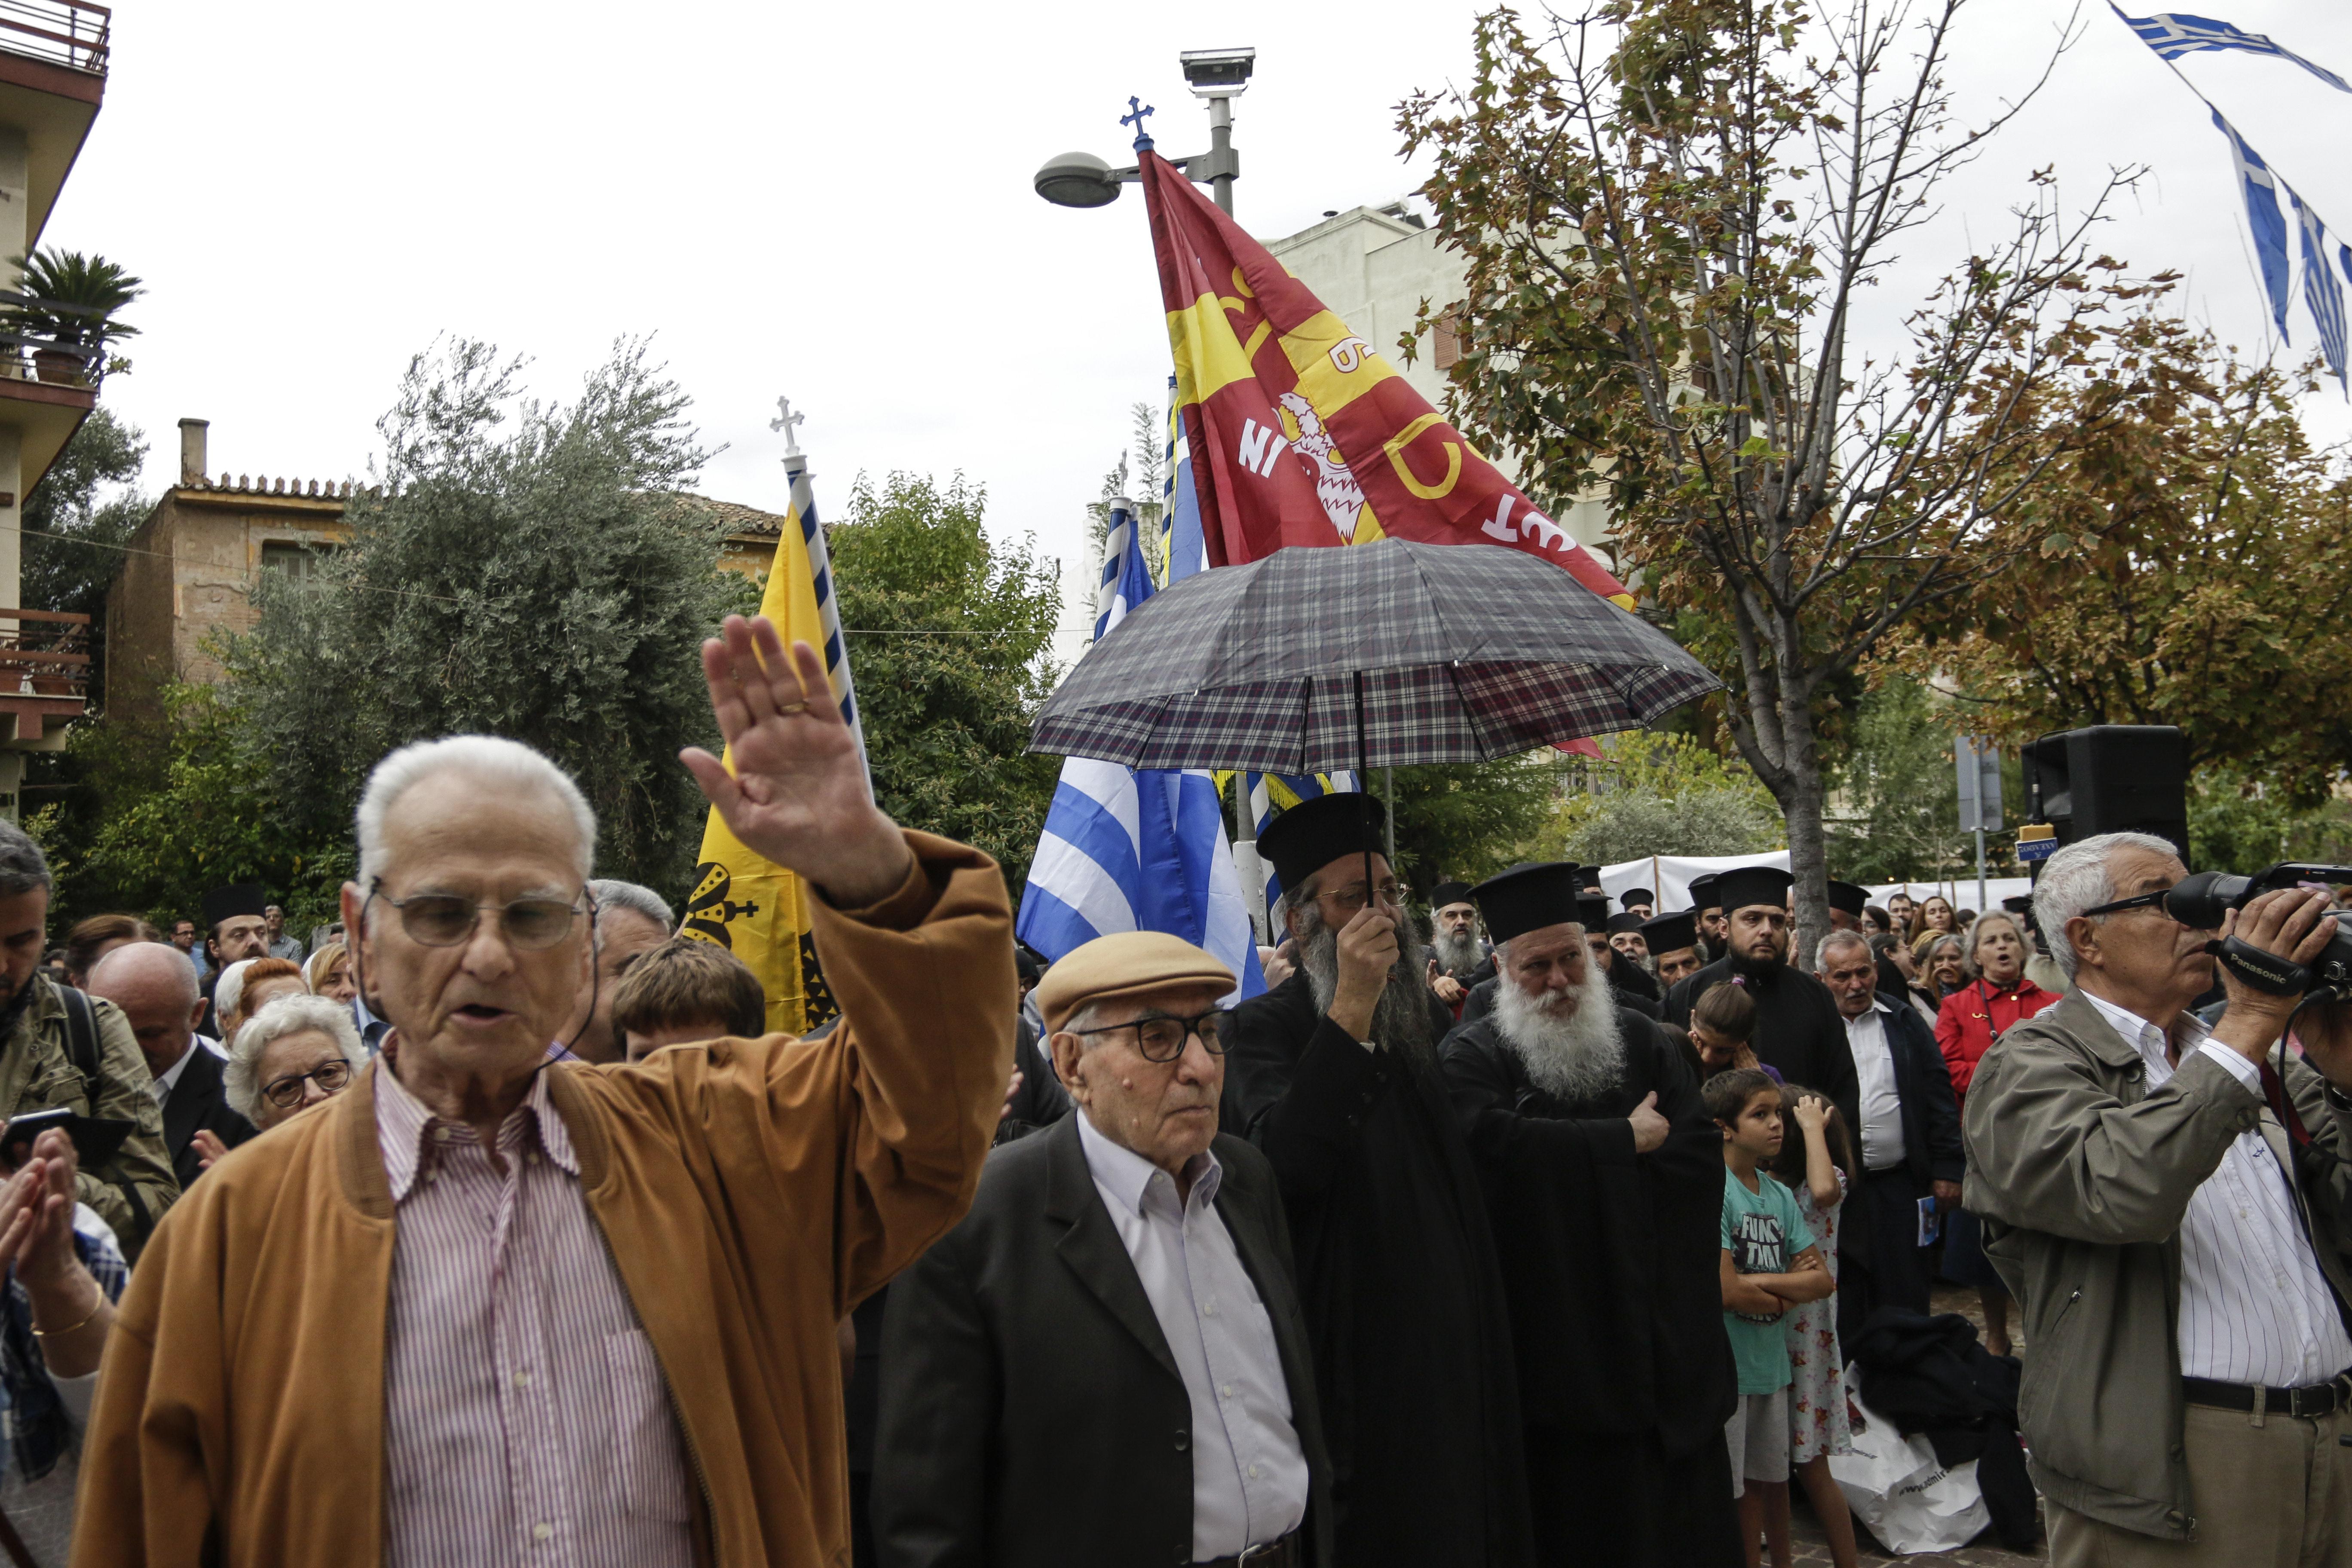 Πορεία διαμαρτυρίας στο υπ. Παιδείας για το μάθημα των θρησκευτικών - Εικόνα 0